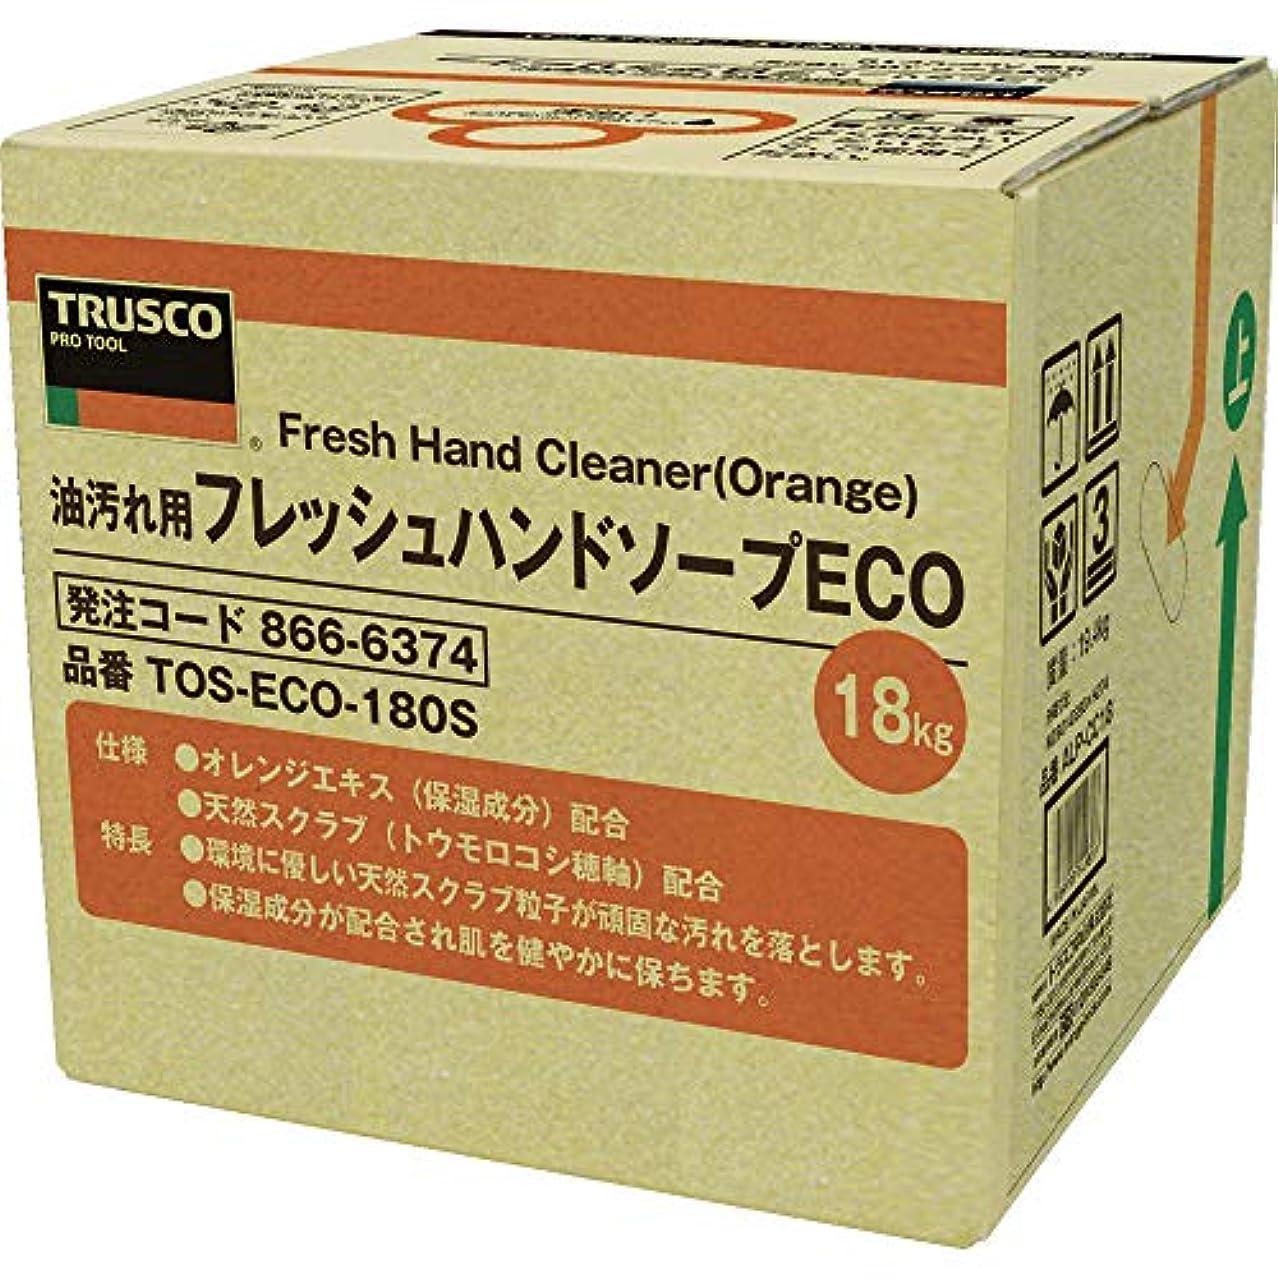 セットアップ恋人ご飯TRUSCO(トラスコ) フレッシュハンドソープECO 18L 詰替 バッグインボックス TOSECO180S